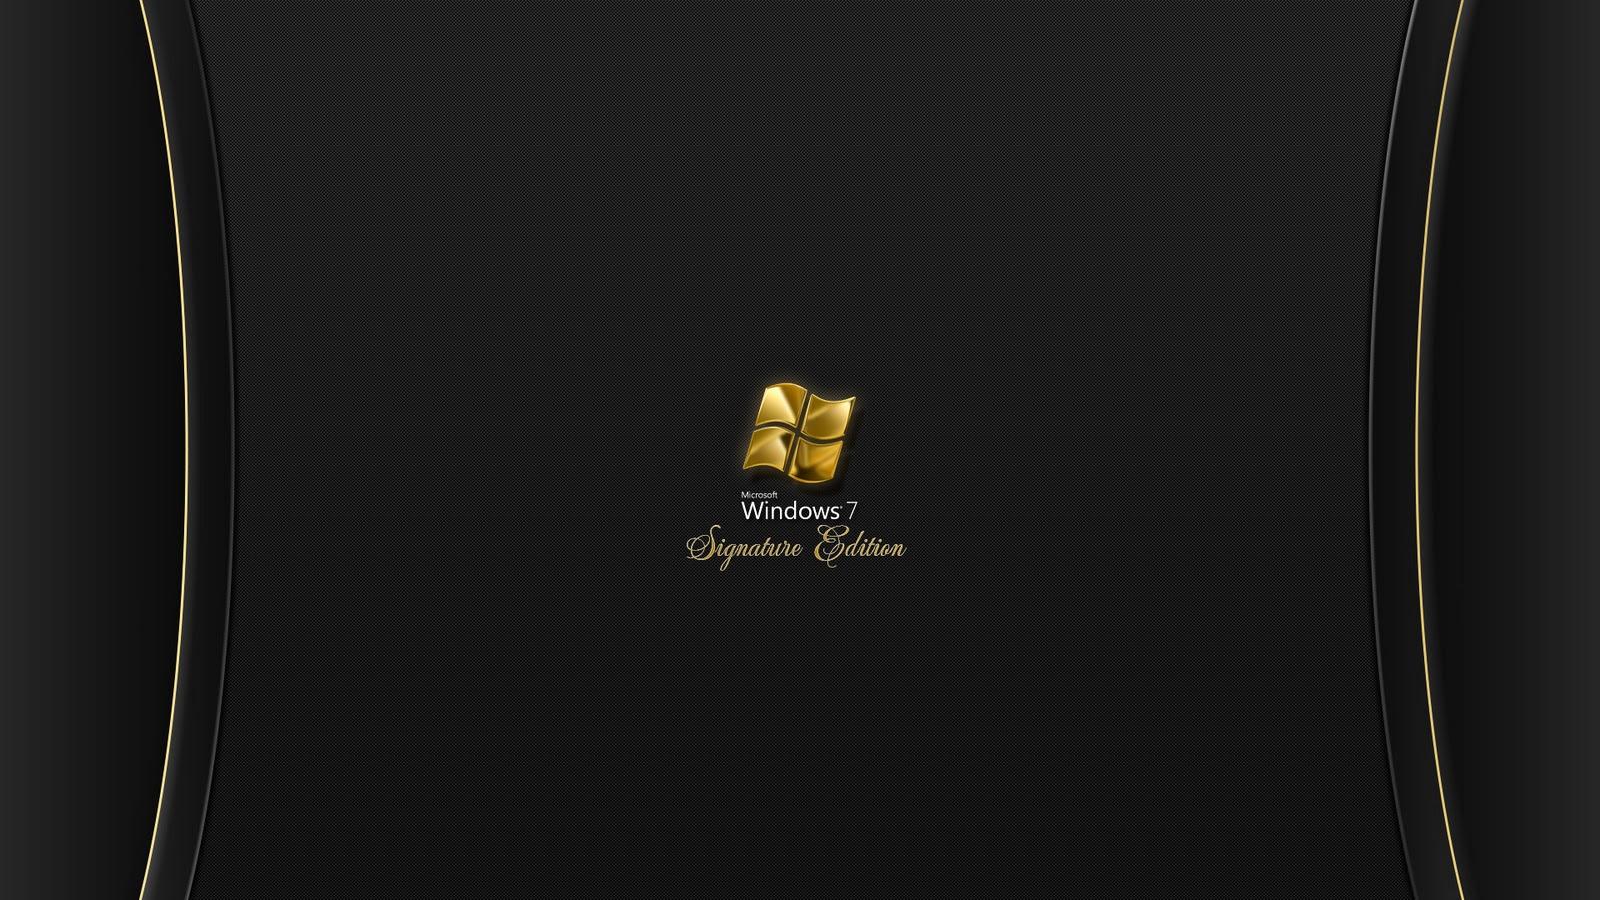 Download 73+ Wallpaper Hitam Gold Gratis Terbaik